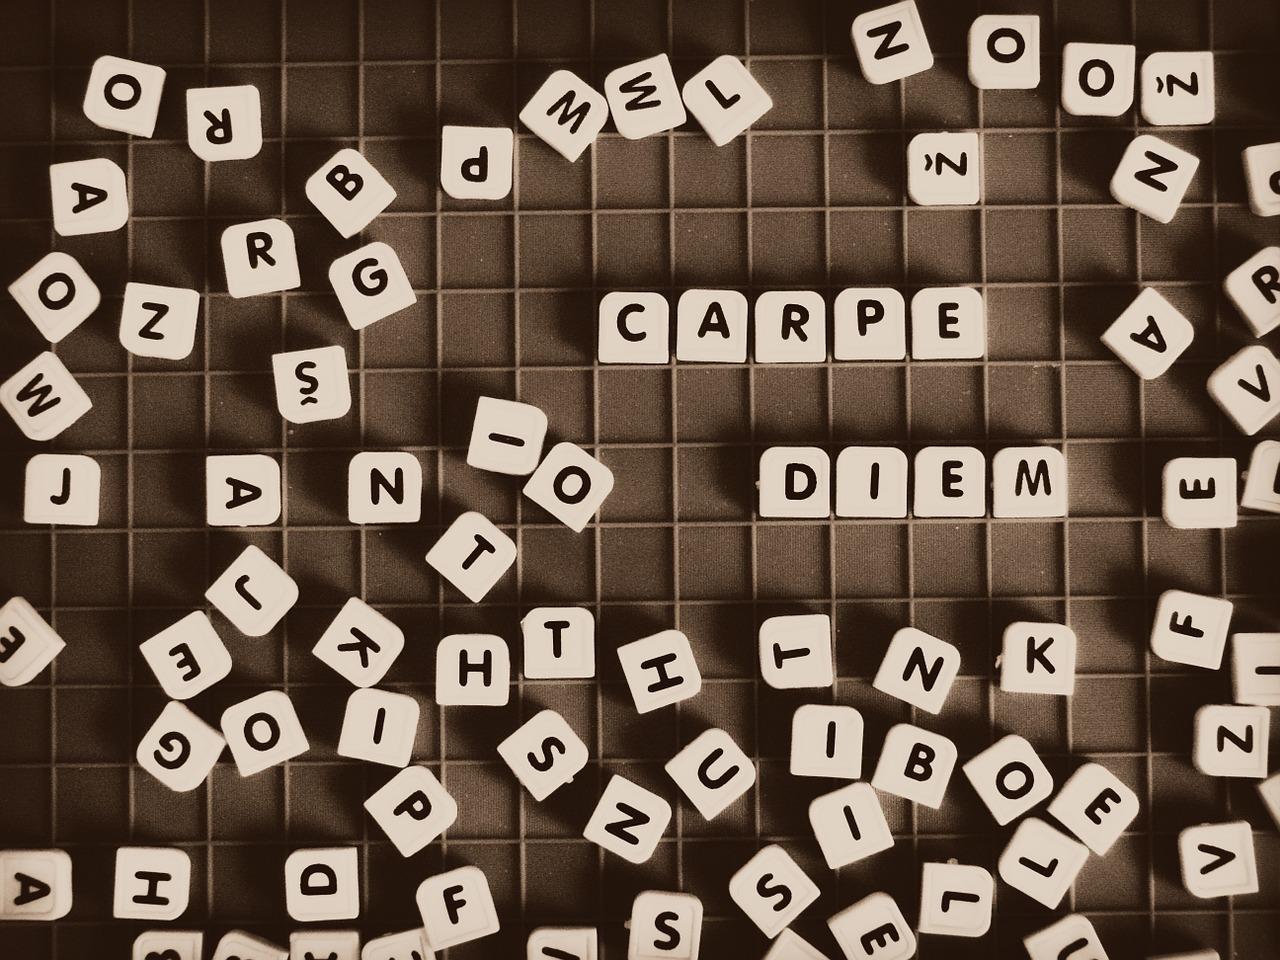 как запоминать слова быстро и эффективно